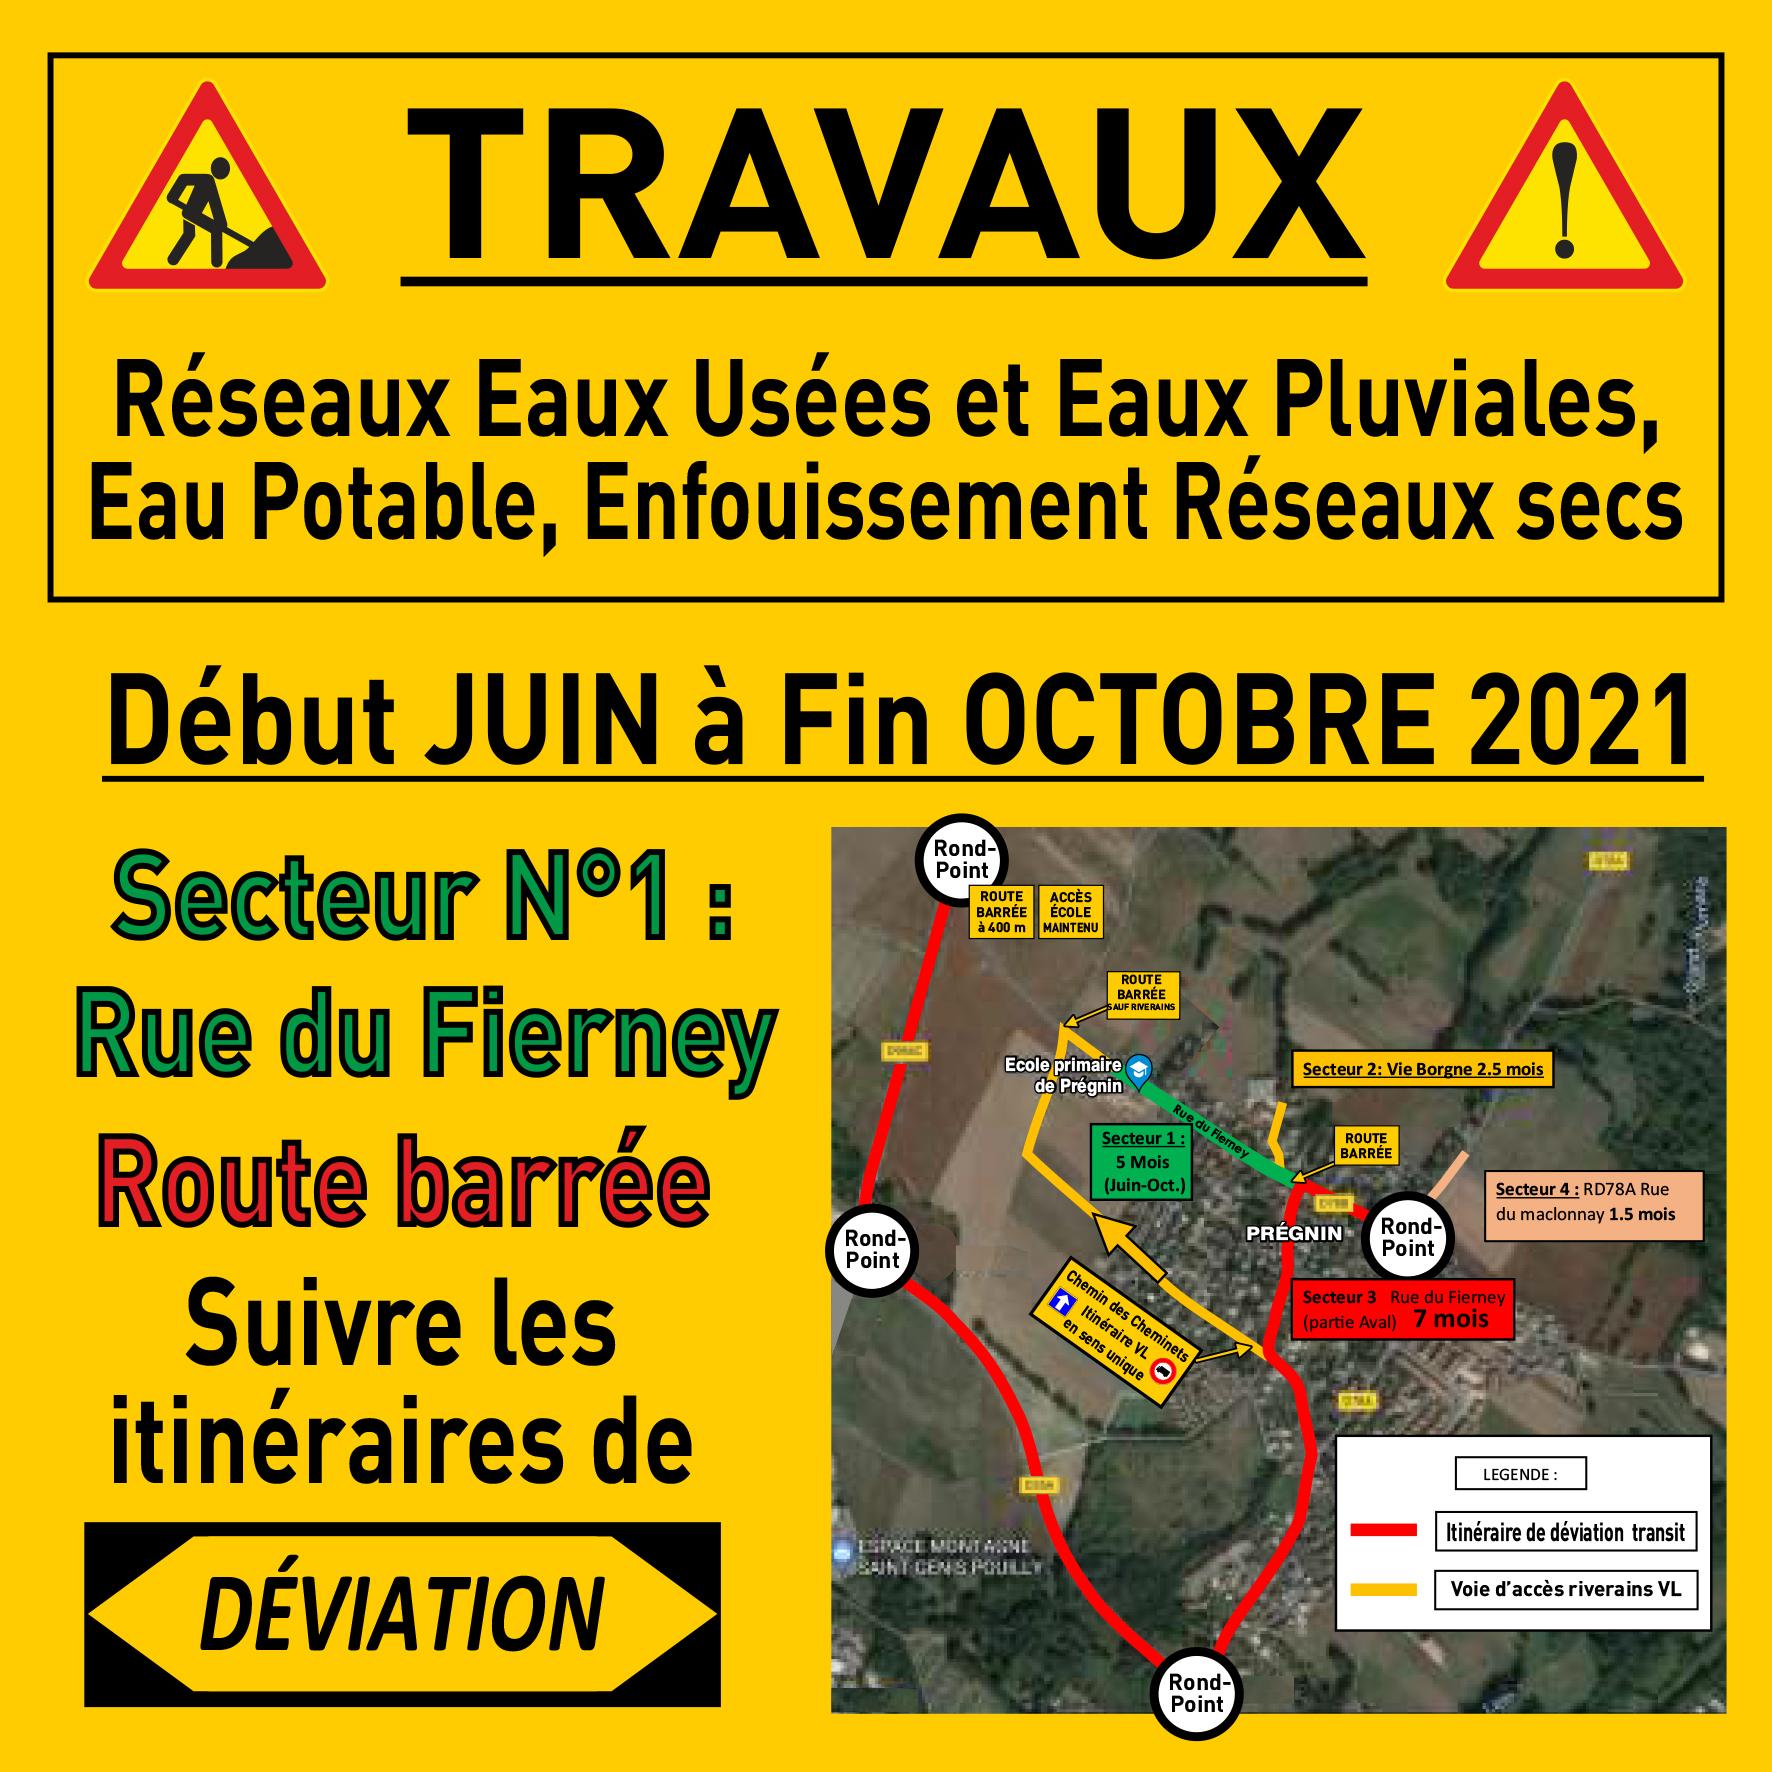 travaux_rue_du_fierney_05_21-2.jpg